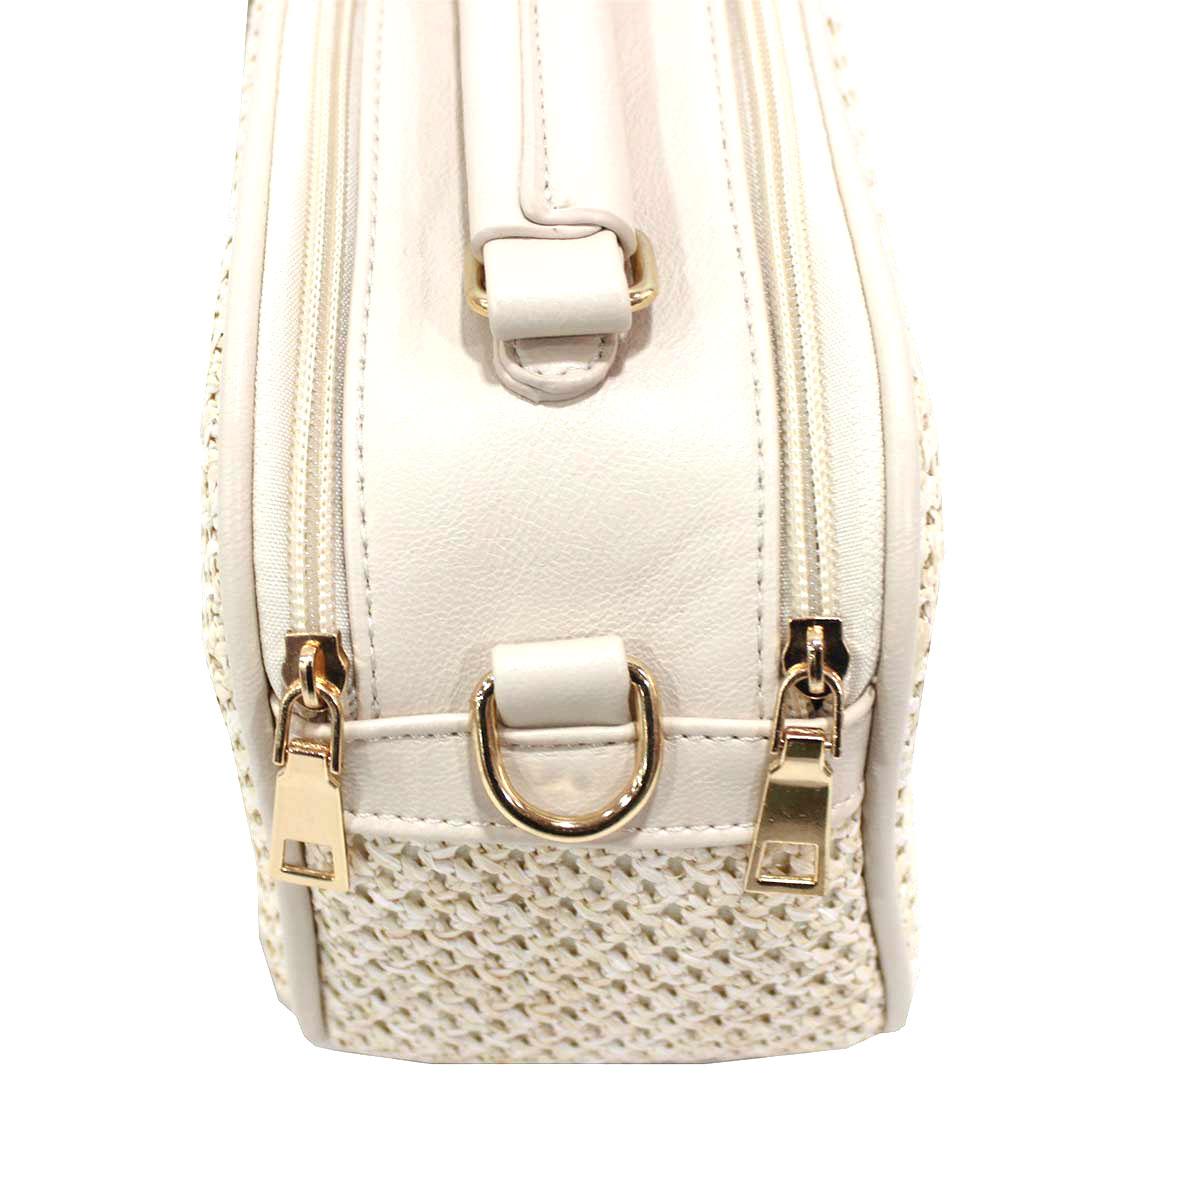 Borse clutch Prada Donna | Clutch con tracolla Rosa » Livignielivigni